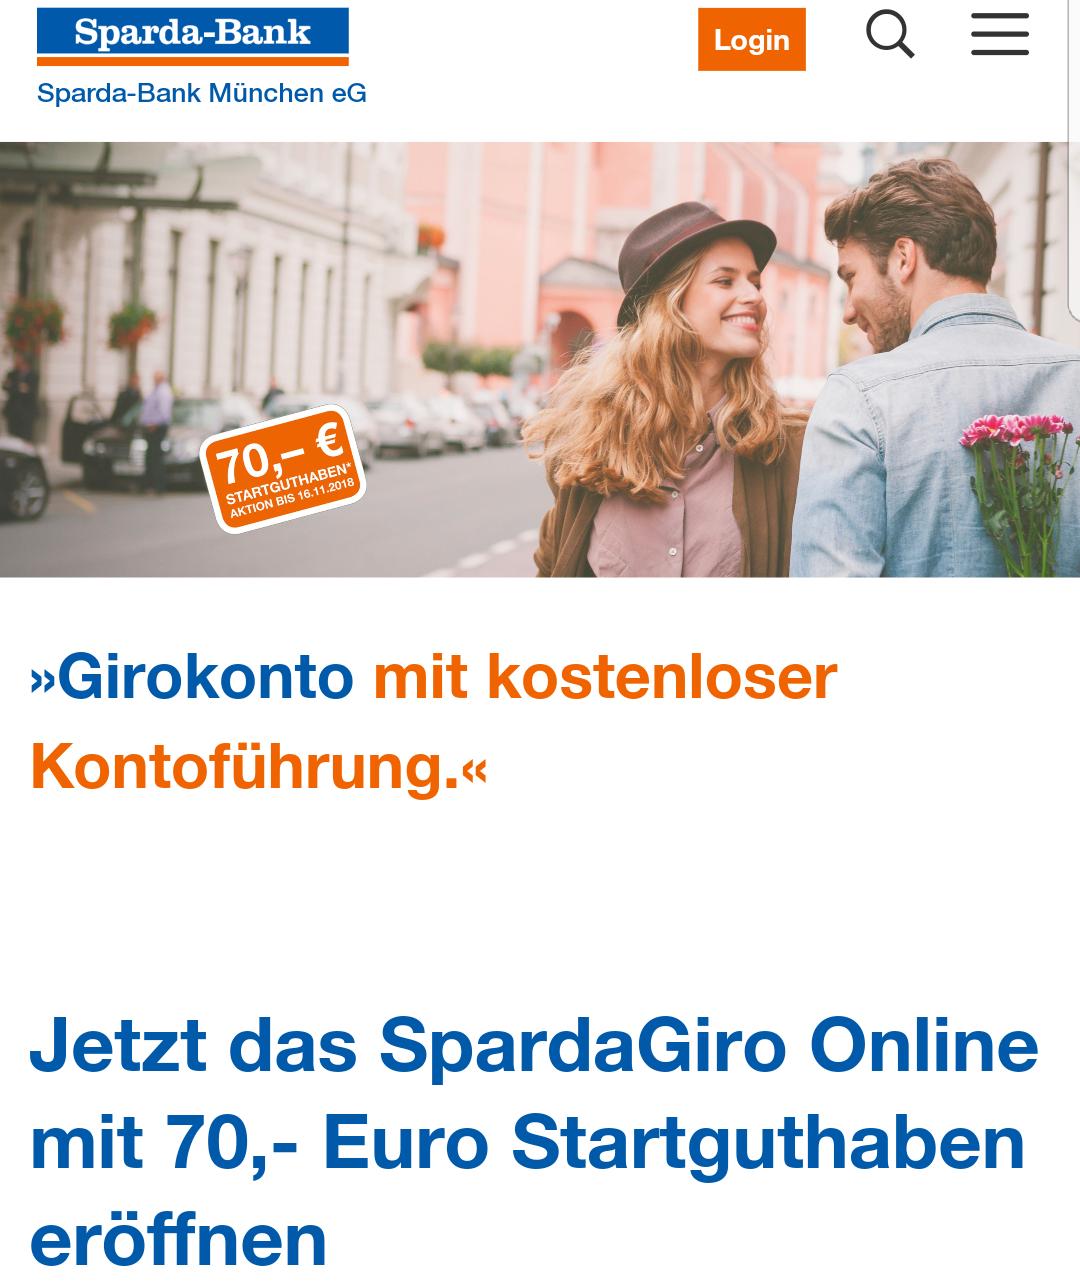 [Lokal] Sparda Bank München: Kostenloses Online Girokonto mit 70,- Euro Startguthaben